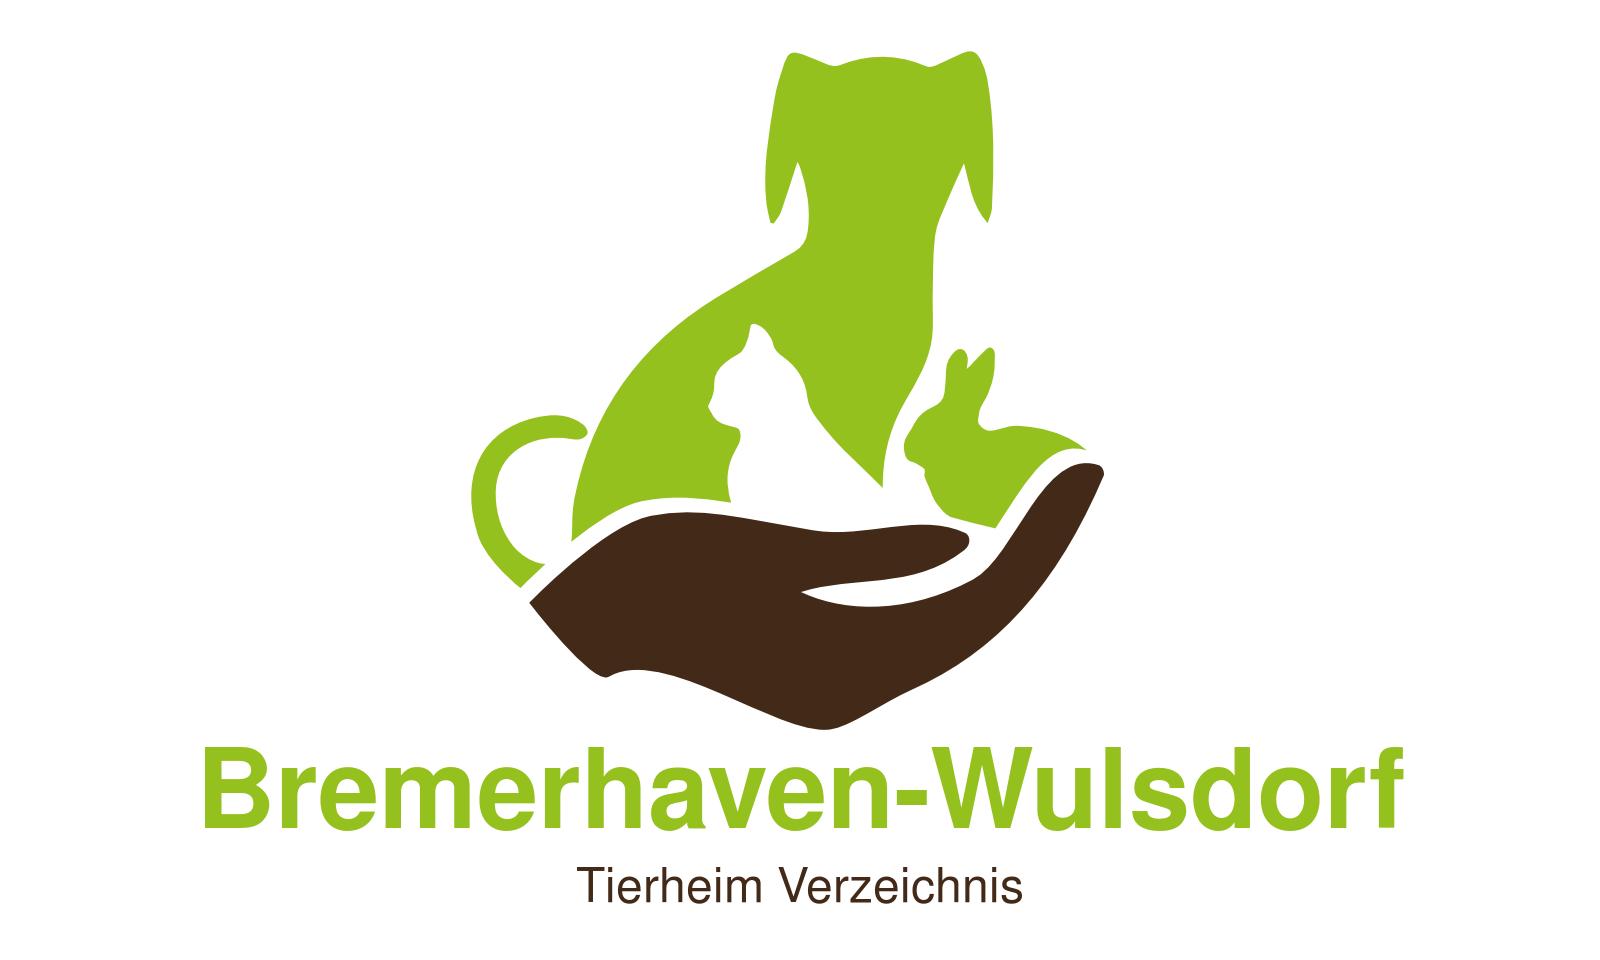 Tierheim Bremerhaven Wulsdorf